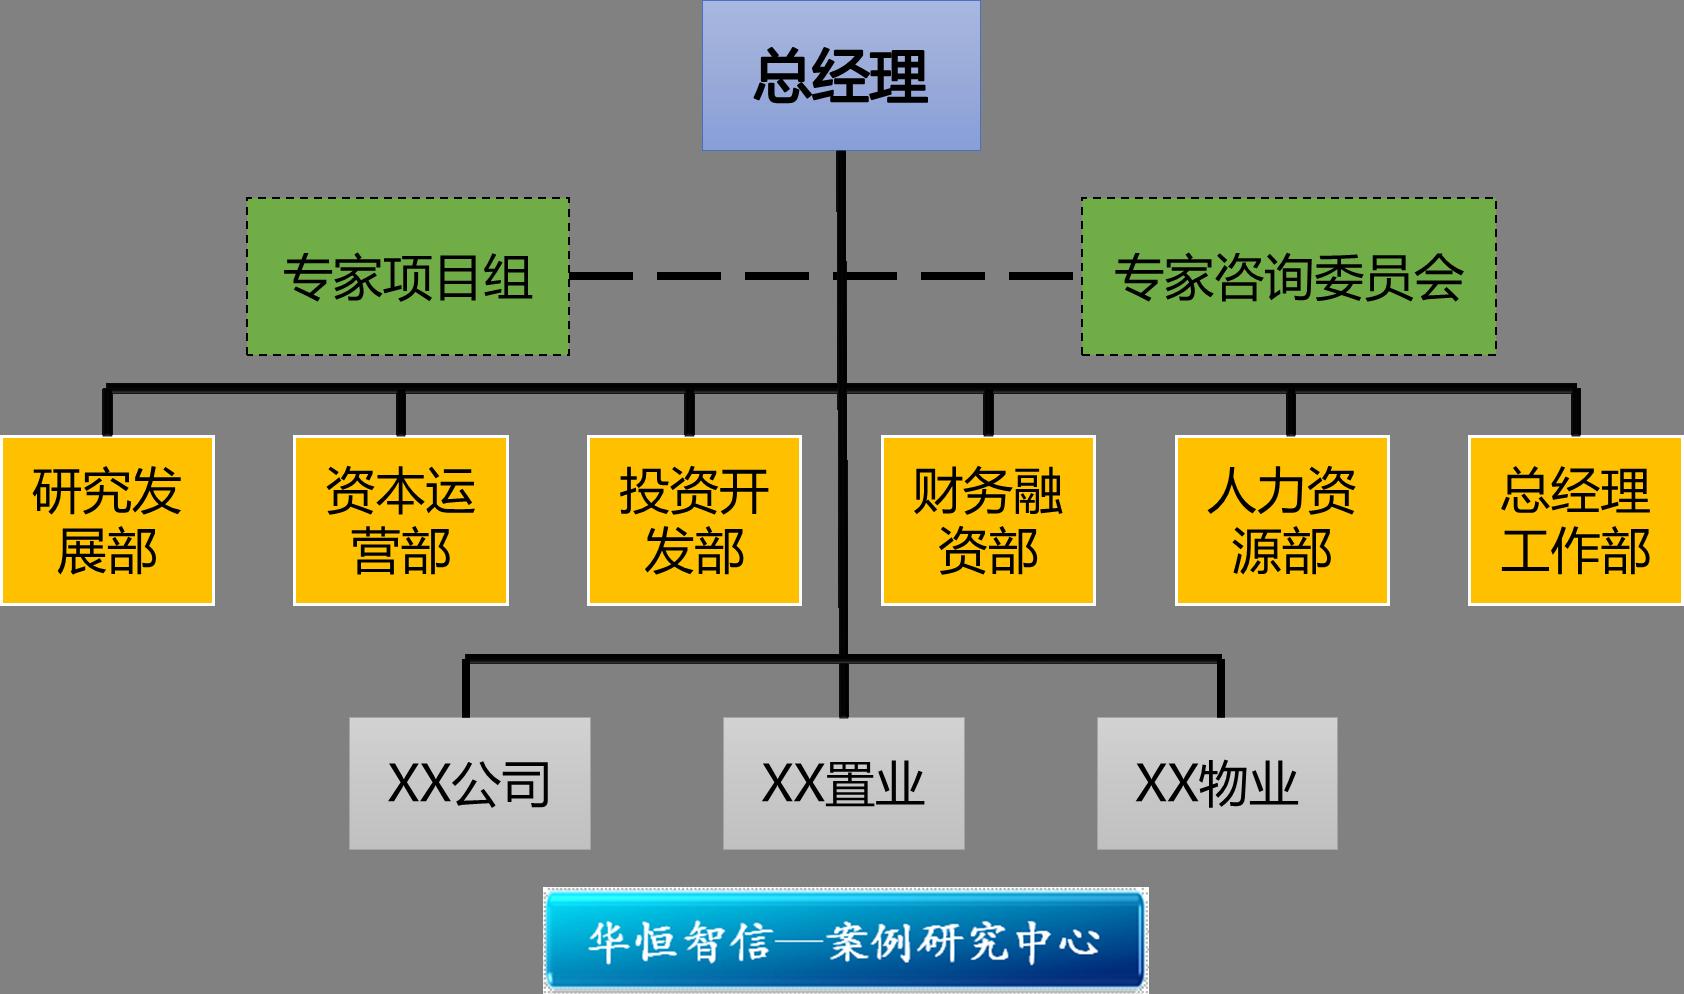 某投资公司组织结构优化项目纪实